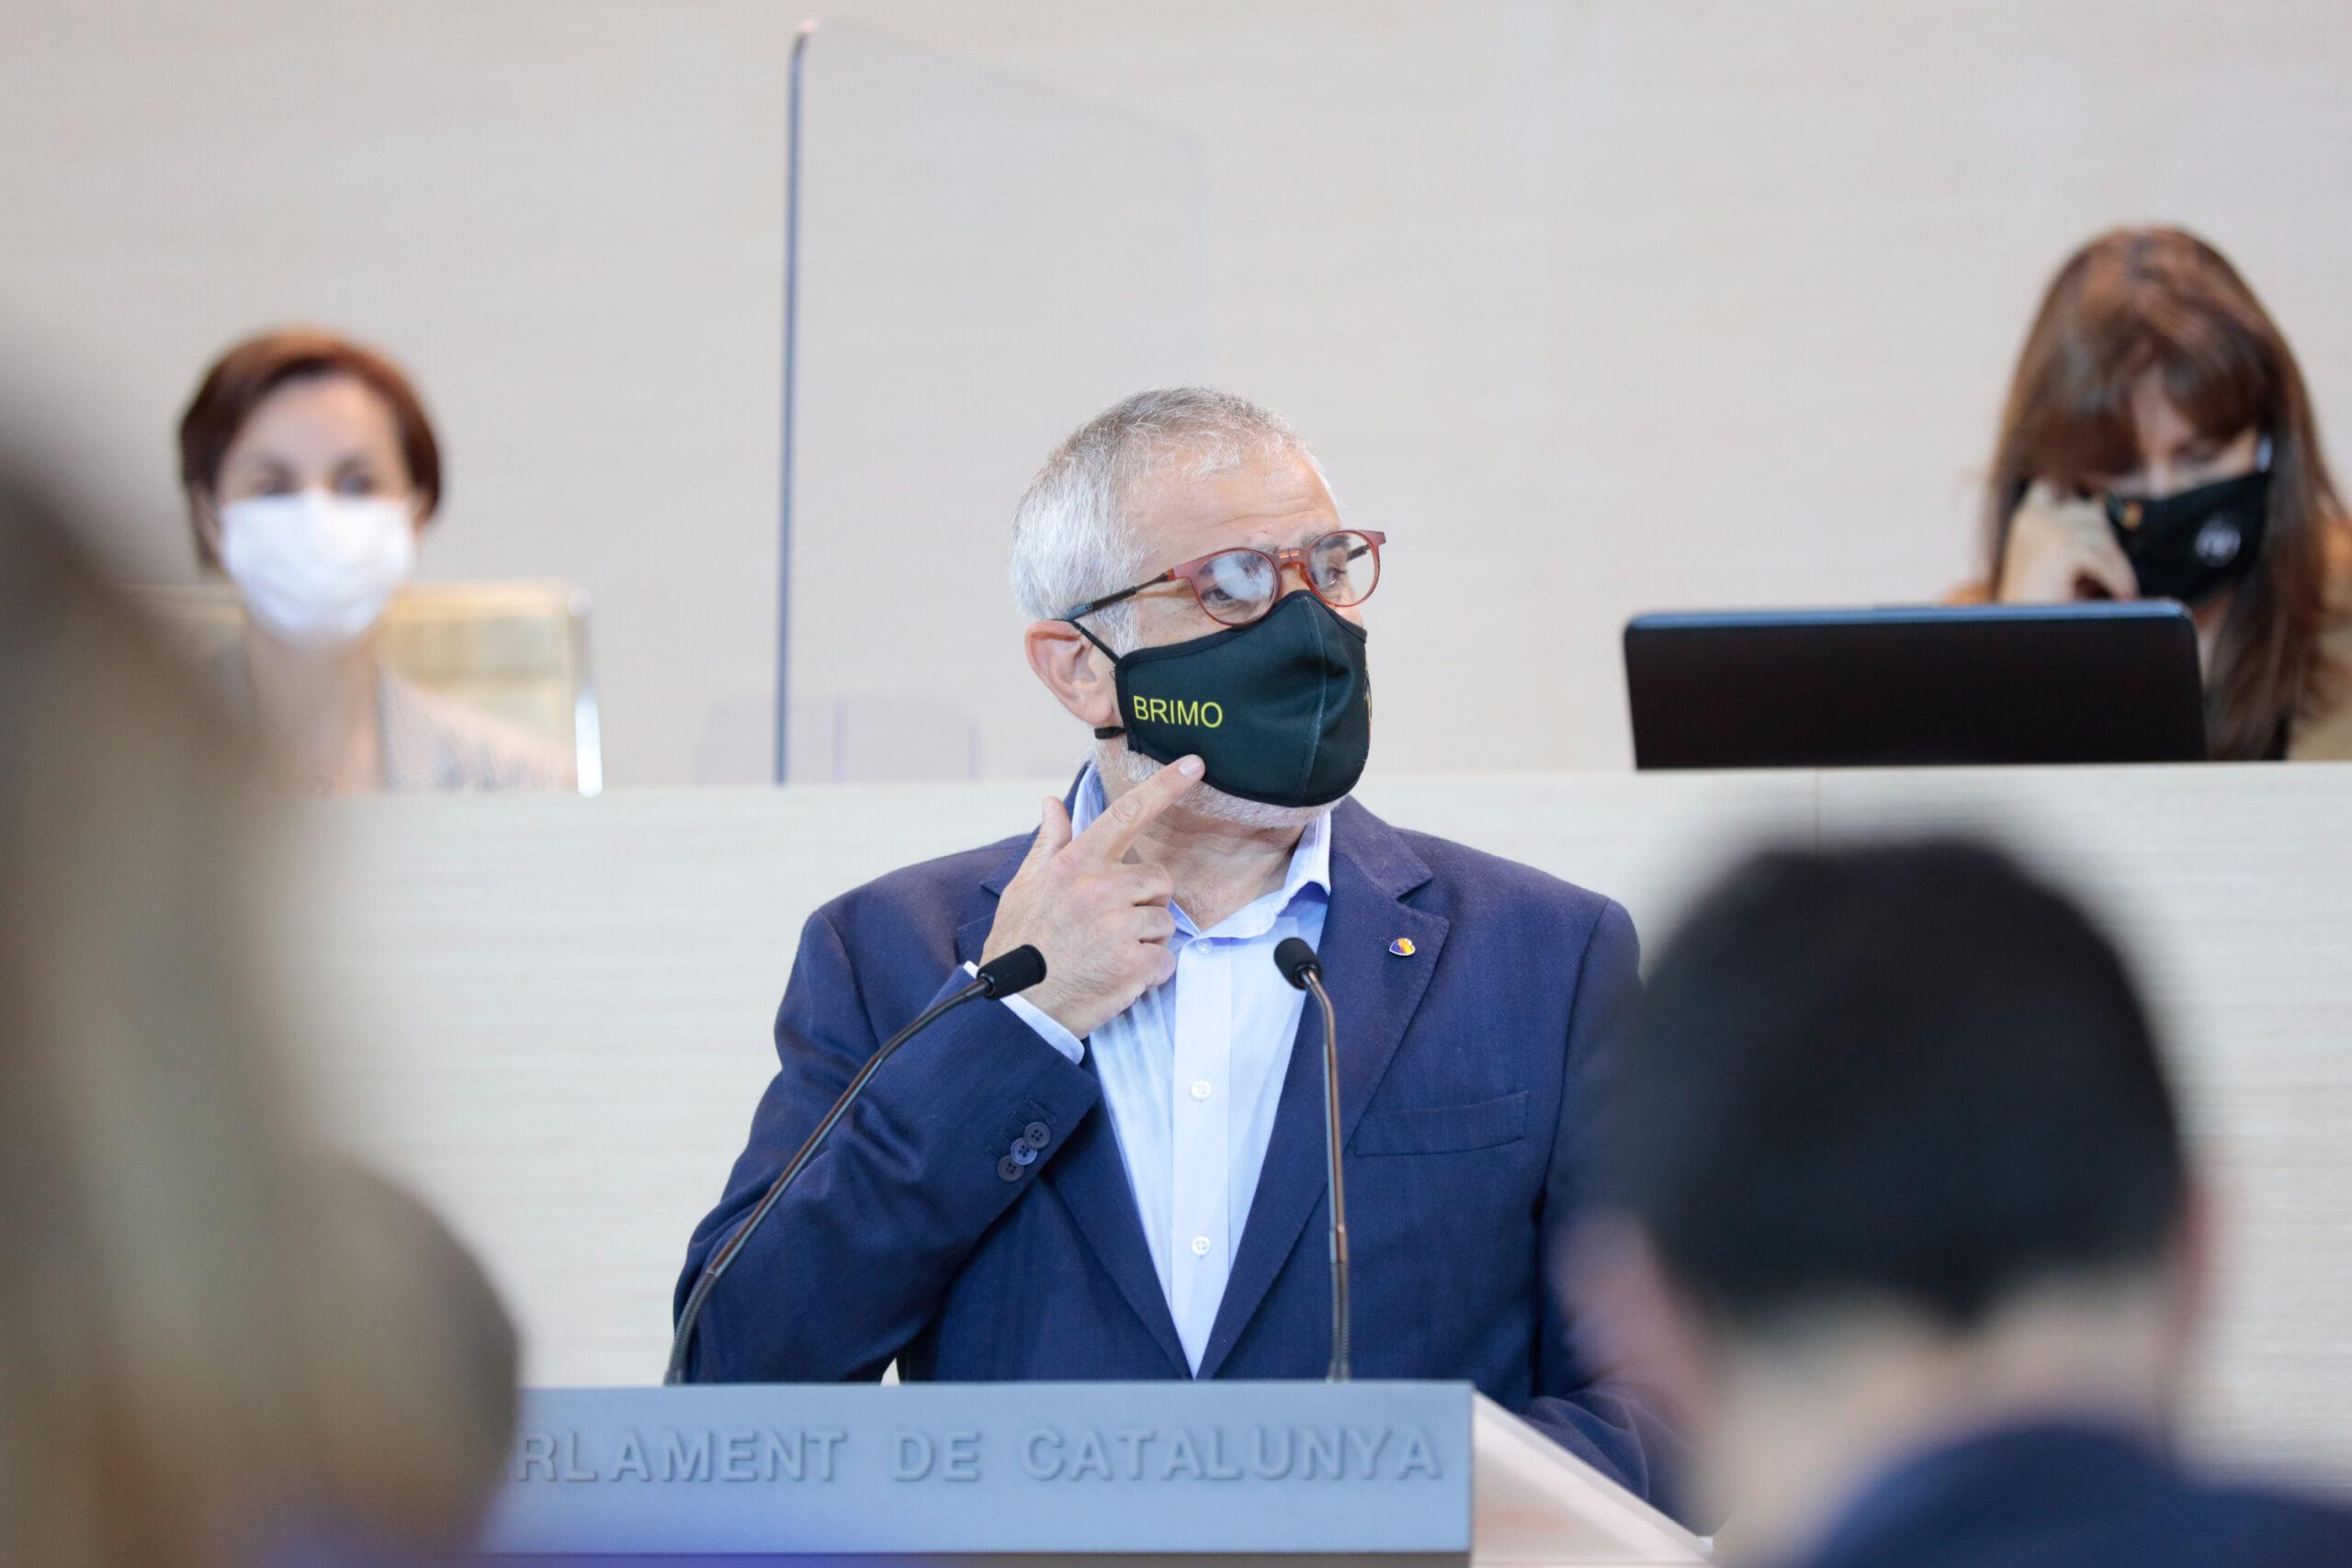 Carlos Carrizosa, portaveu de Cs, s'assenyala la mascareta amb el símbol de la Brigada Mòbil dels Mossos d'Esquadra, durant el debat d'investidura de Pere Aragonès el 26 de març del 2021 al Parlament, a Barcelona. Primer pla. (Horitzontal)